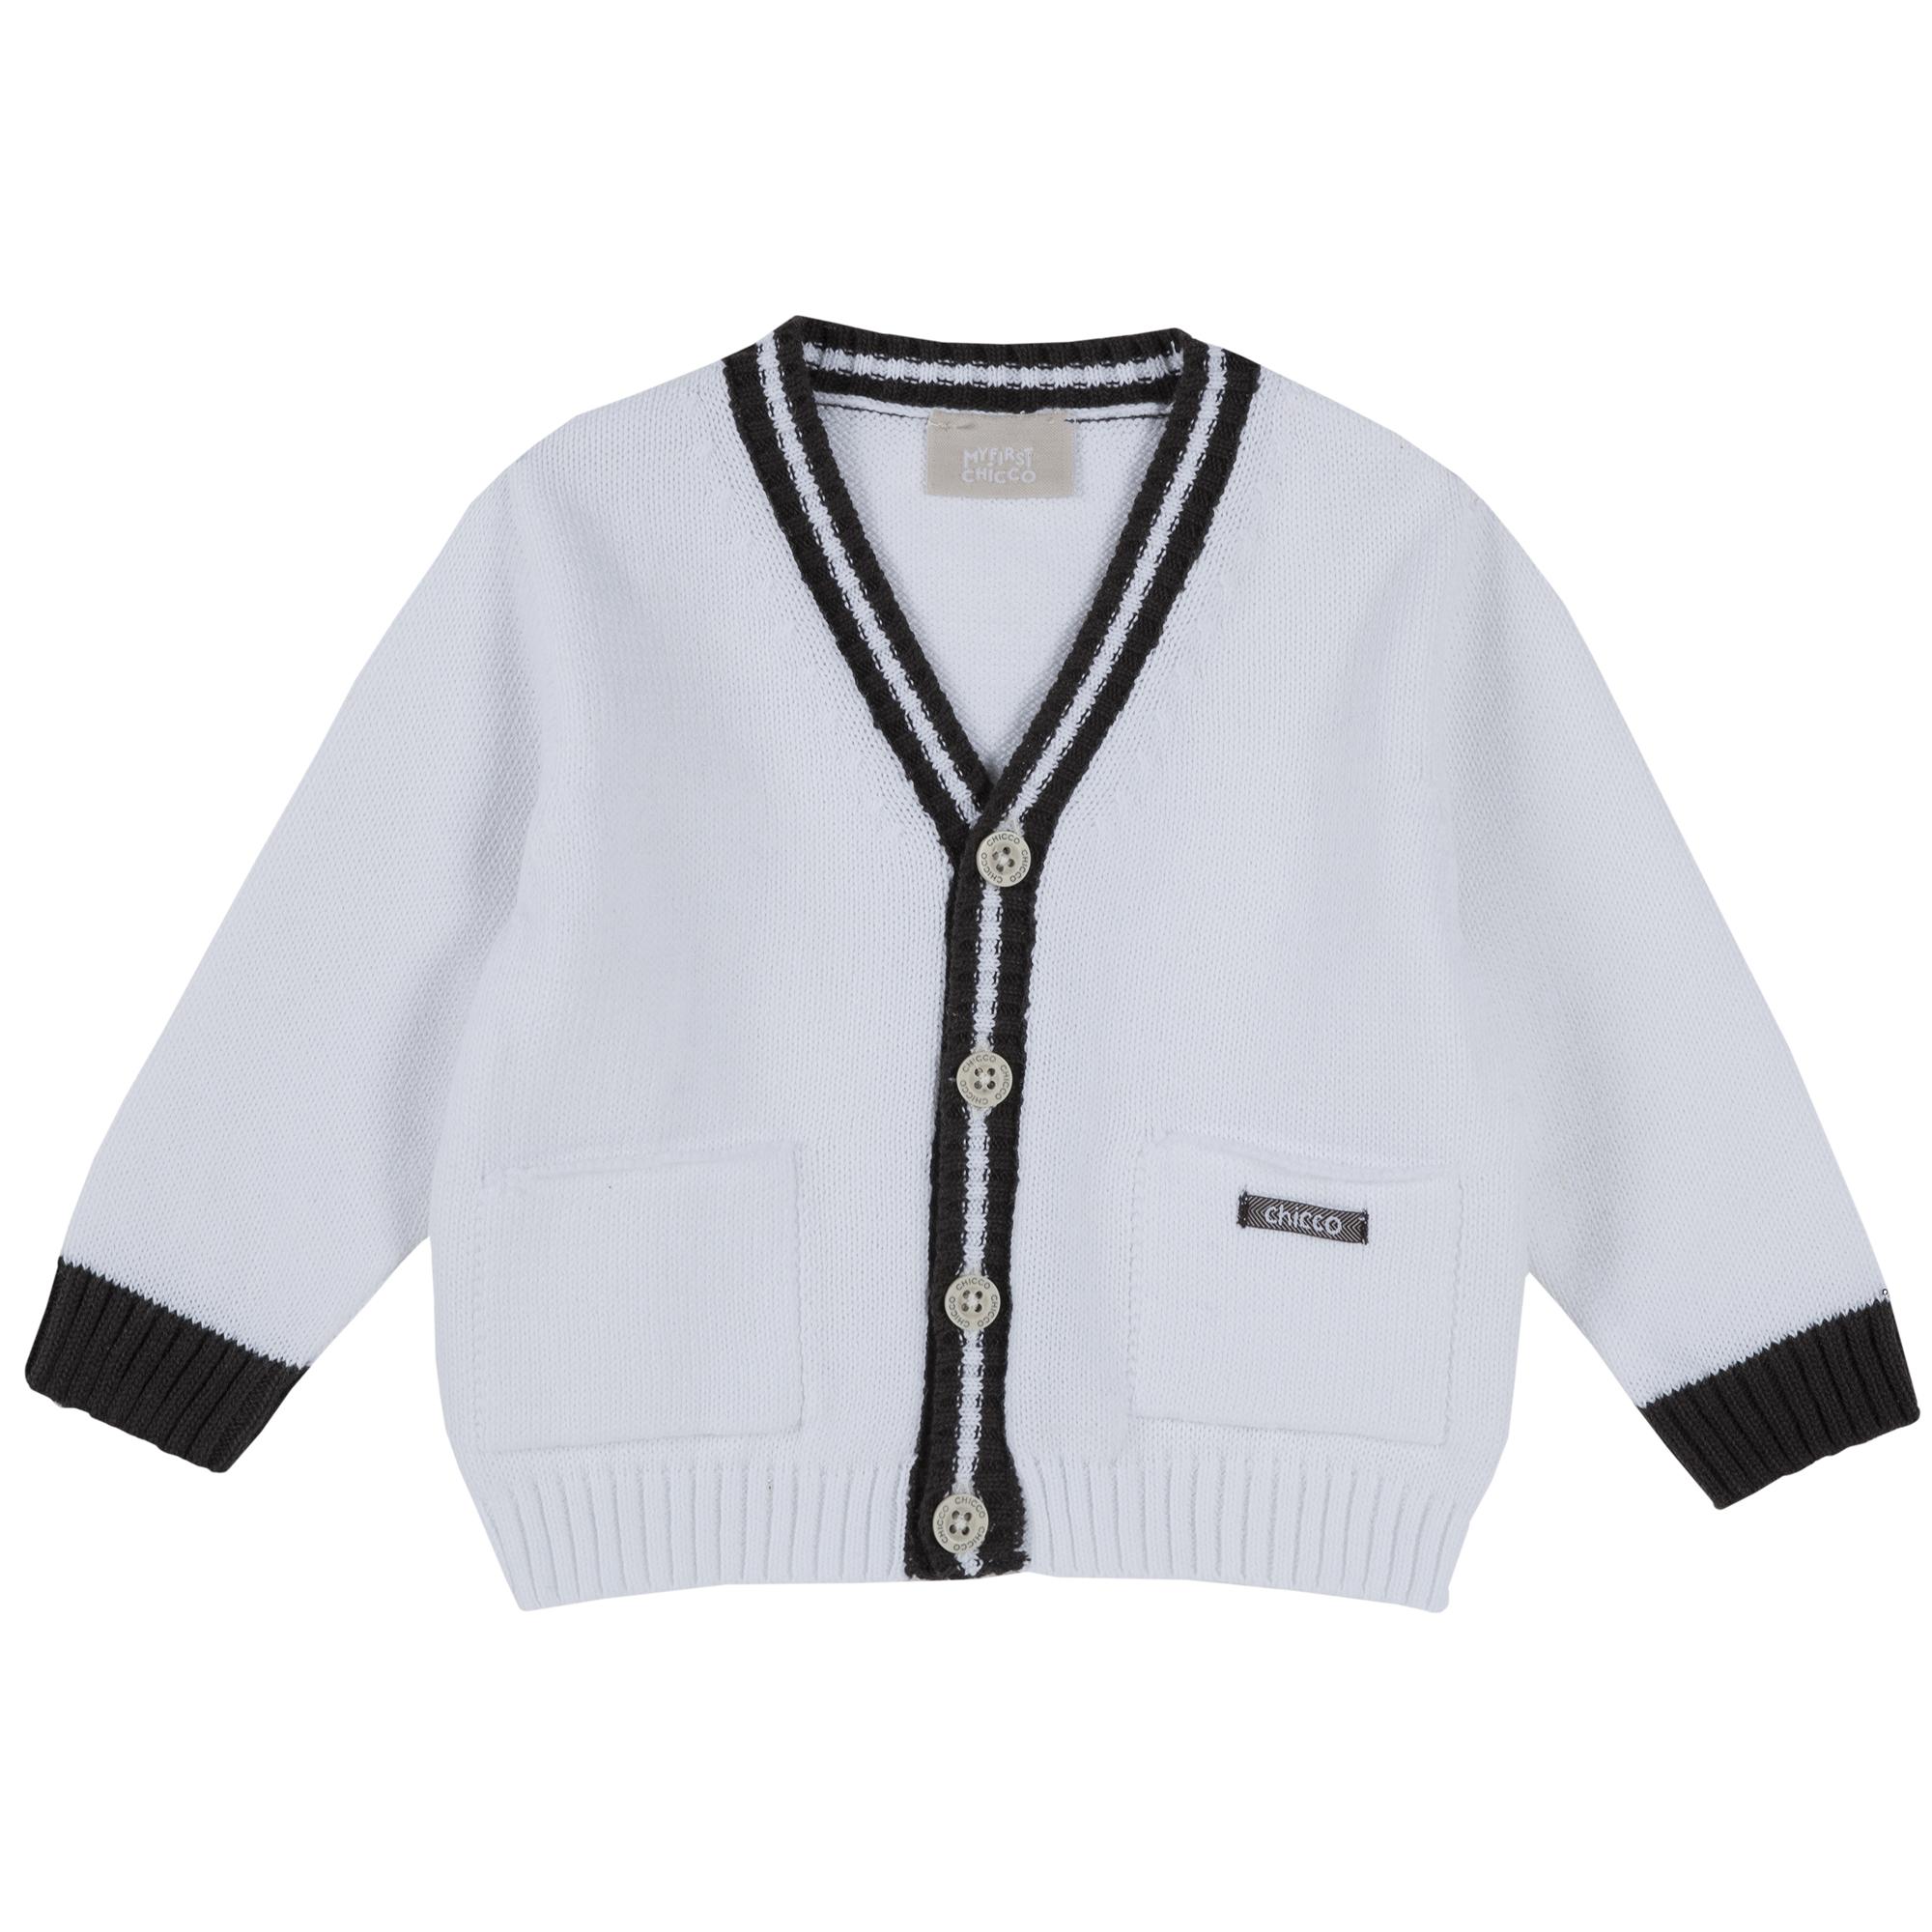 Cardigan copii Chicco, tricotat, alb, 96853 din categoria Cardigan copii